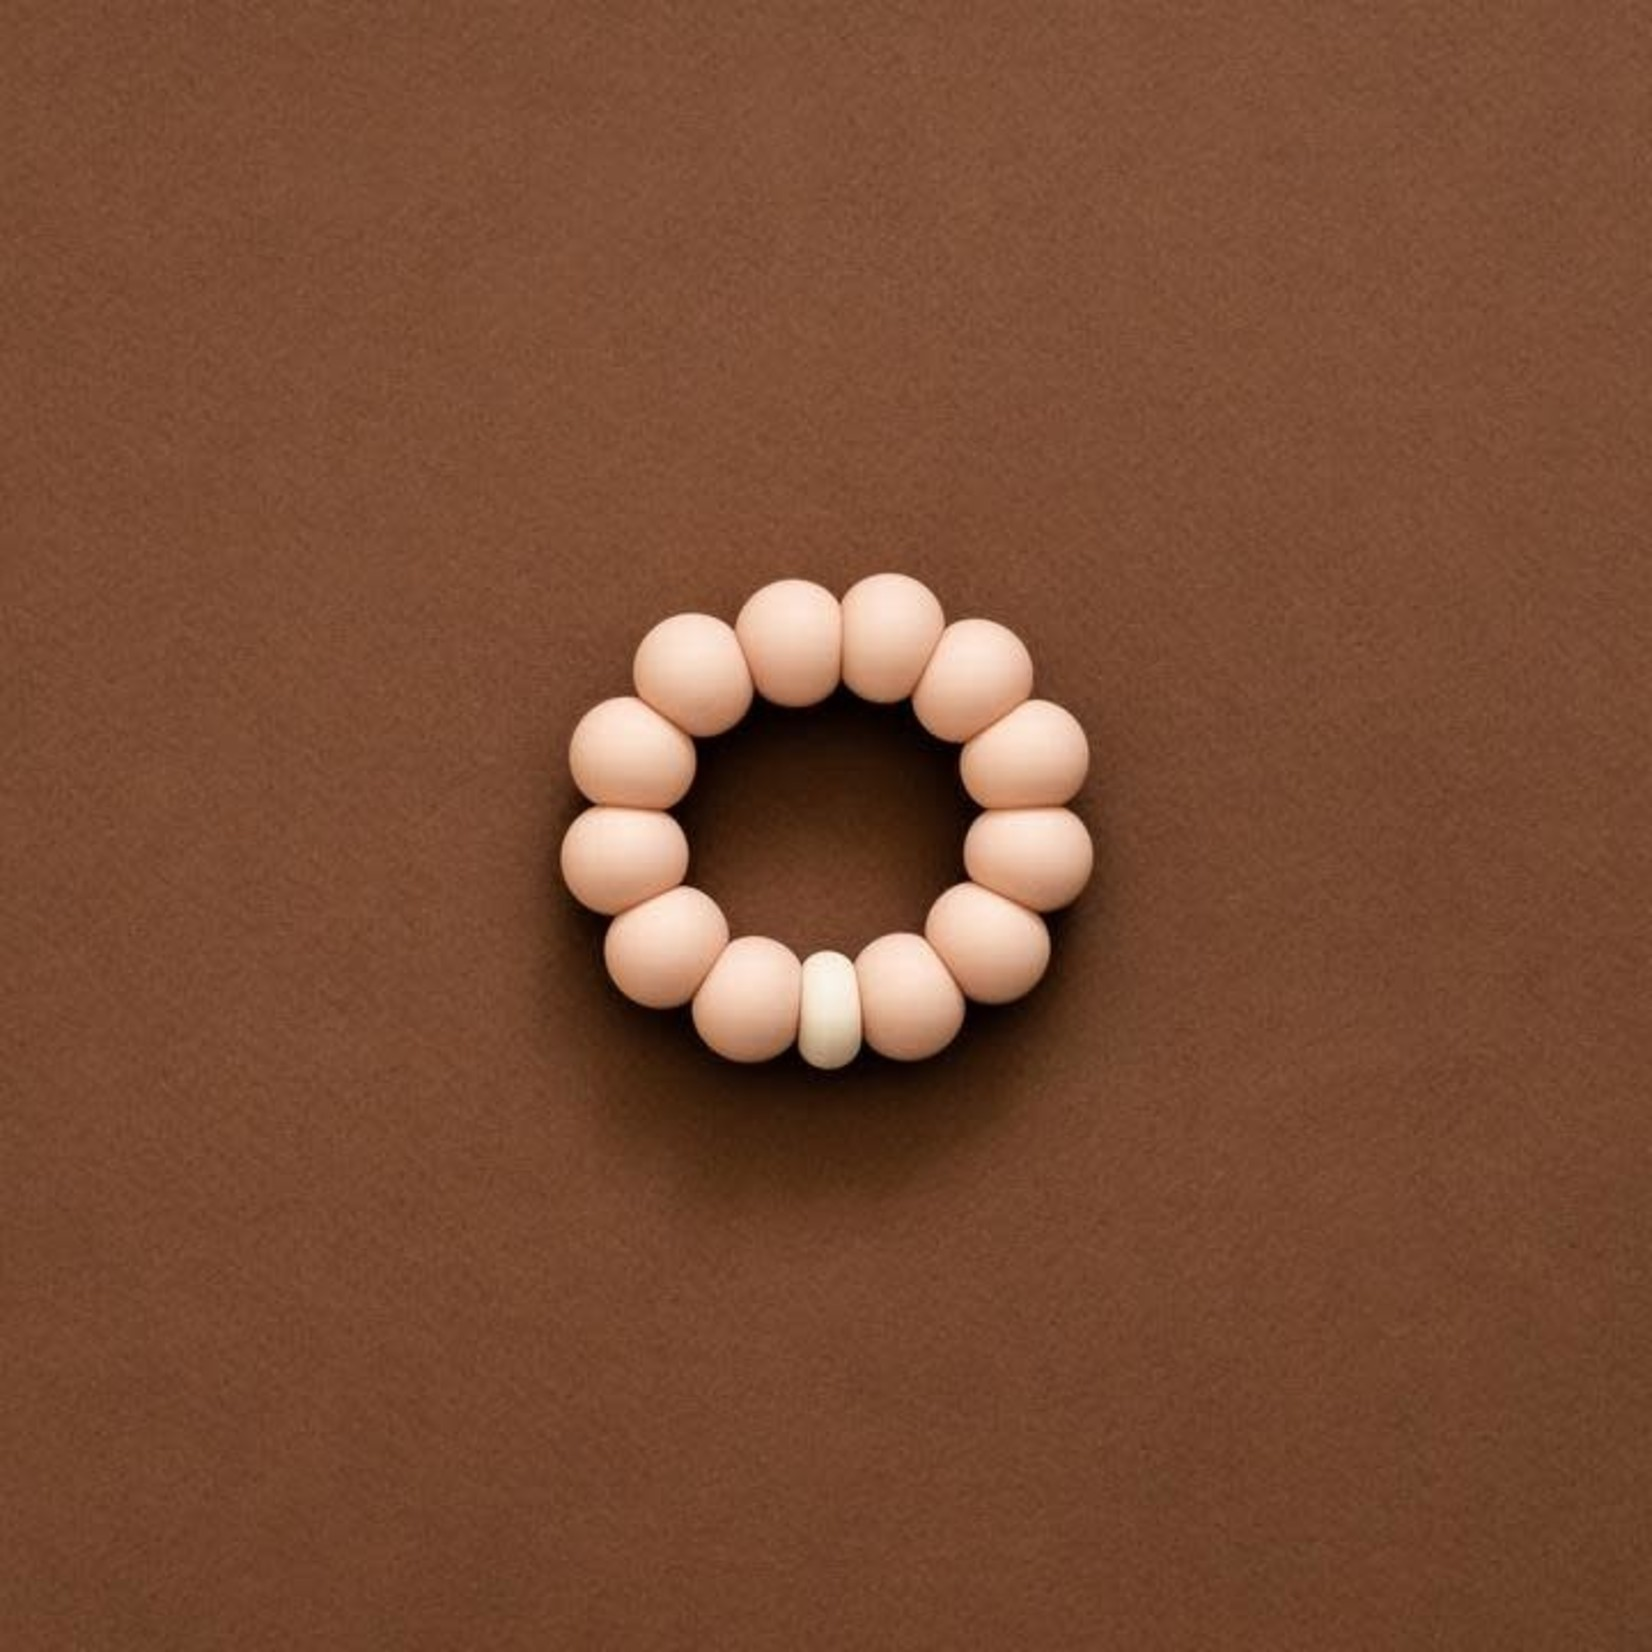 Minika Minika anneaux dentition congélateur blush